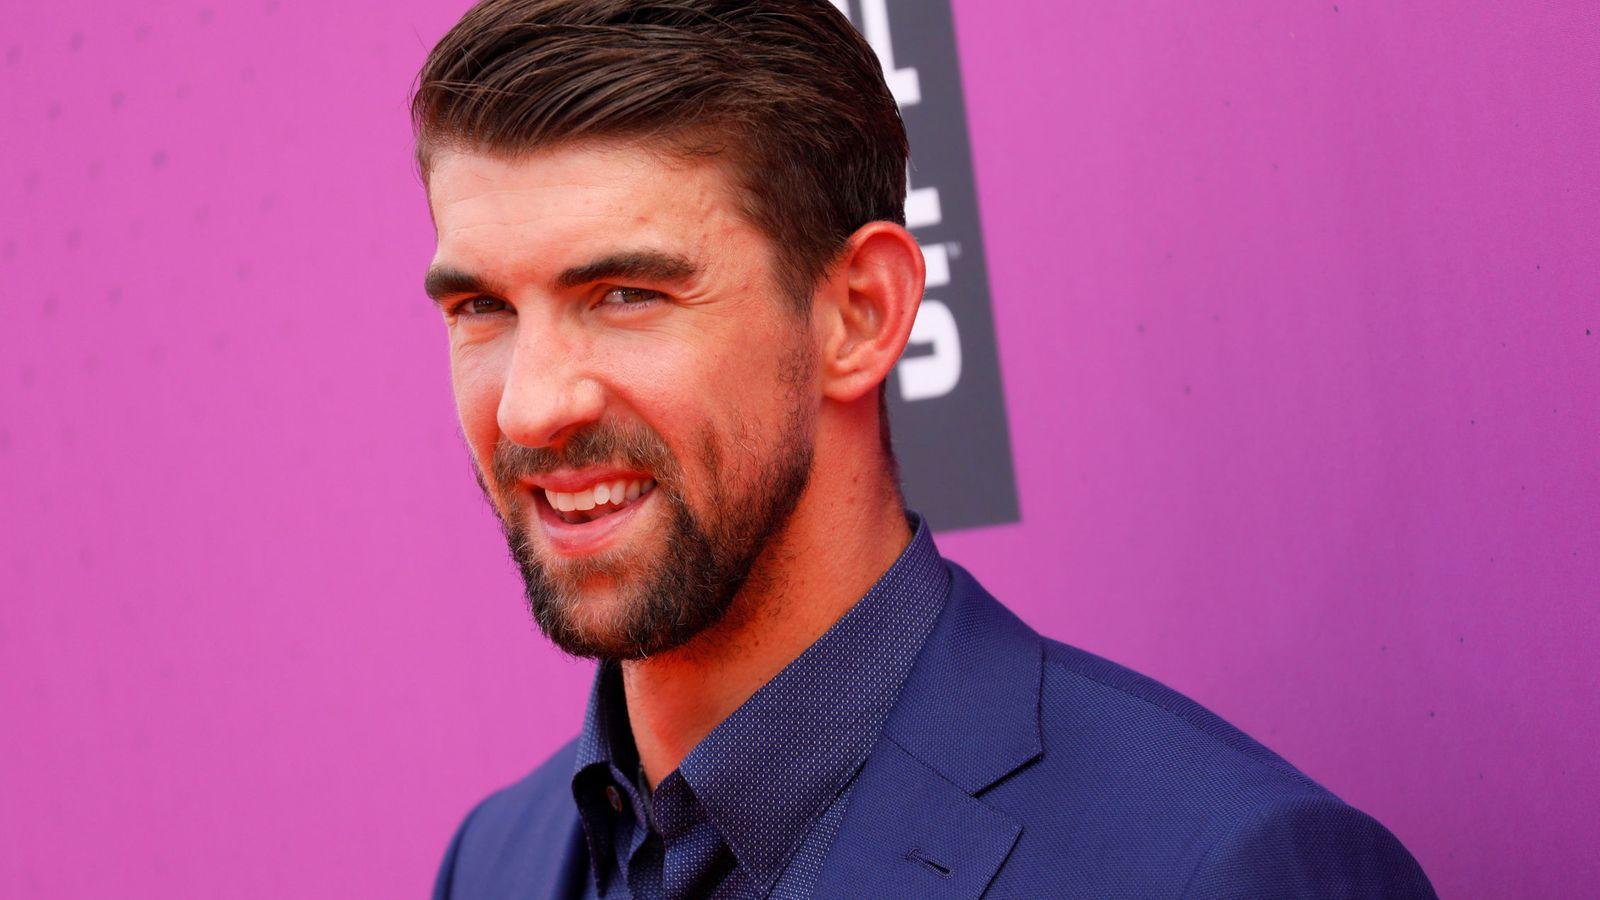 Foto: Michael Phelps se retiró tras los Juegos Olímpicos de Río 2016. (Reuters)